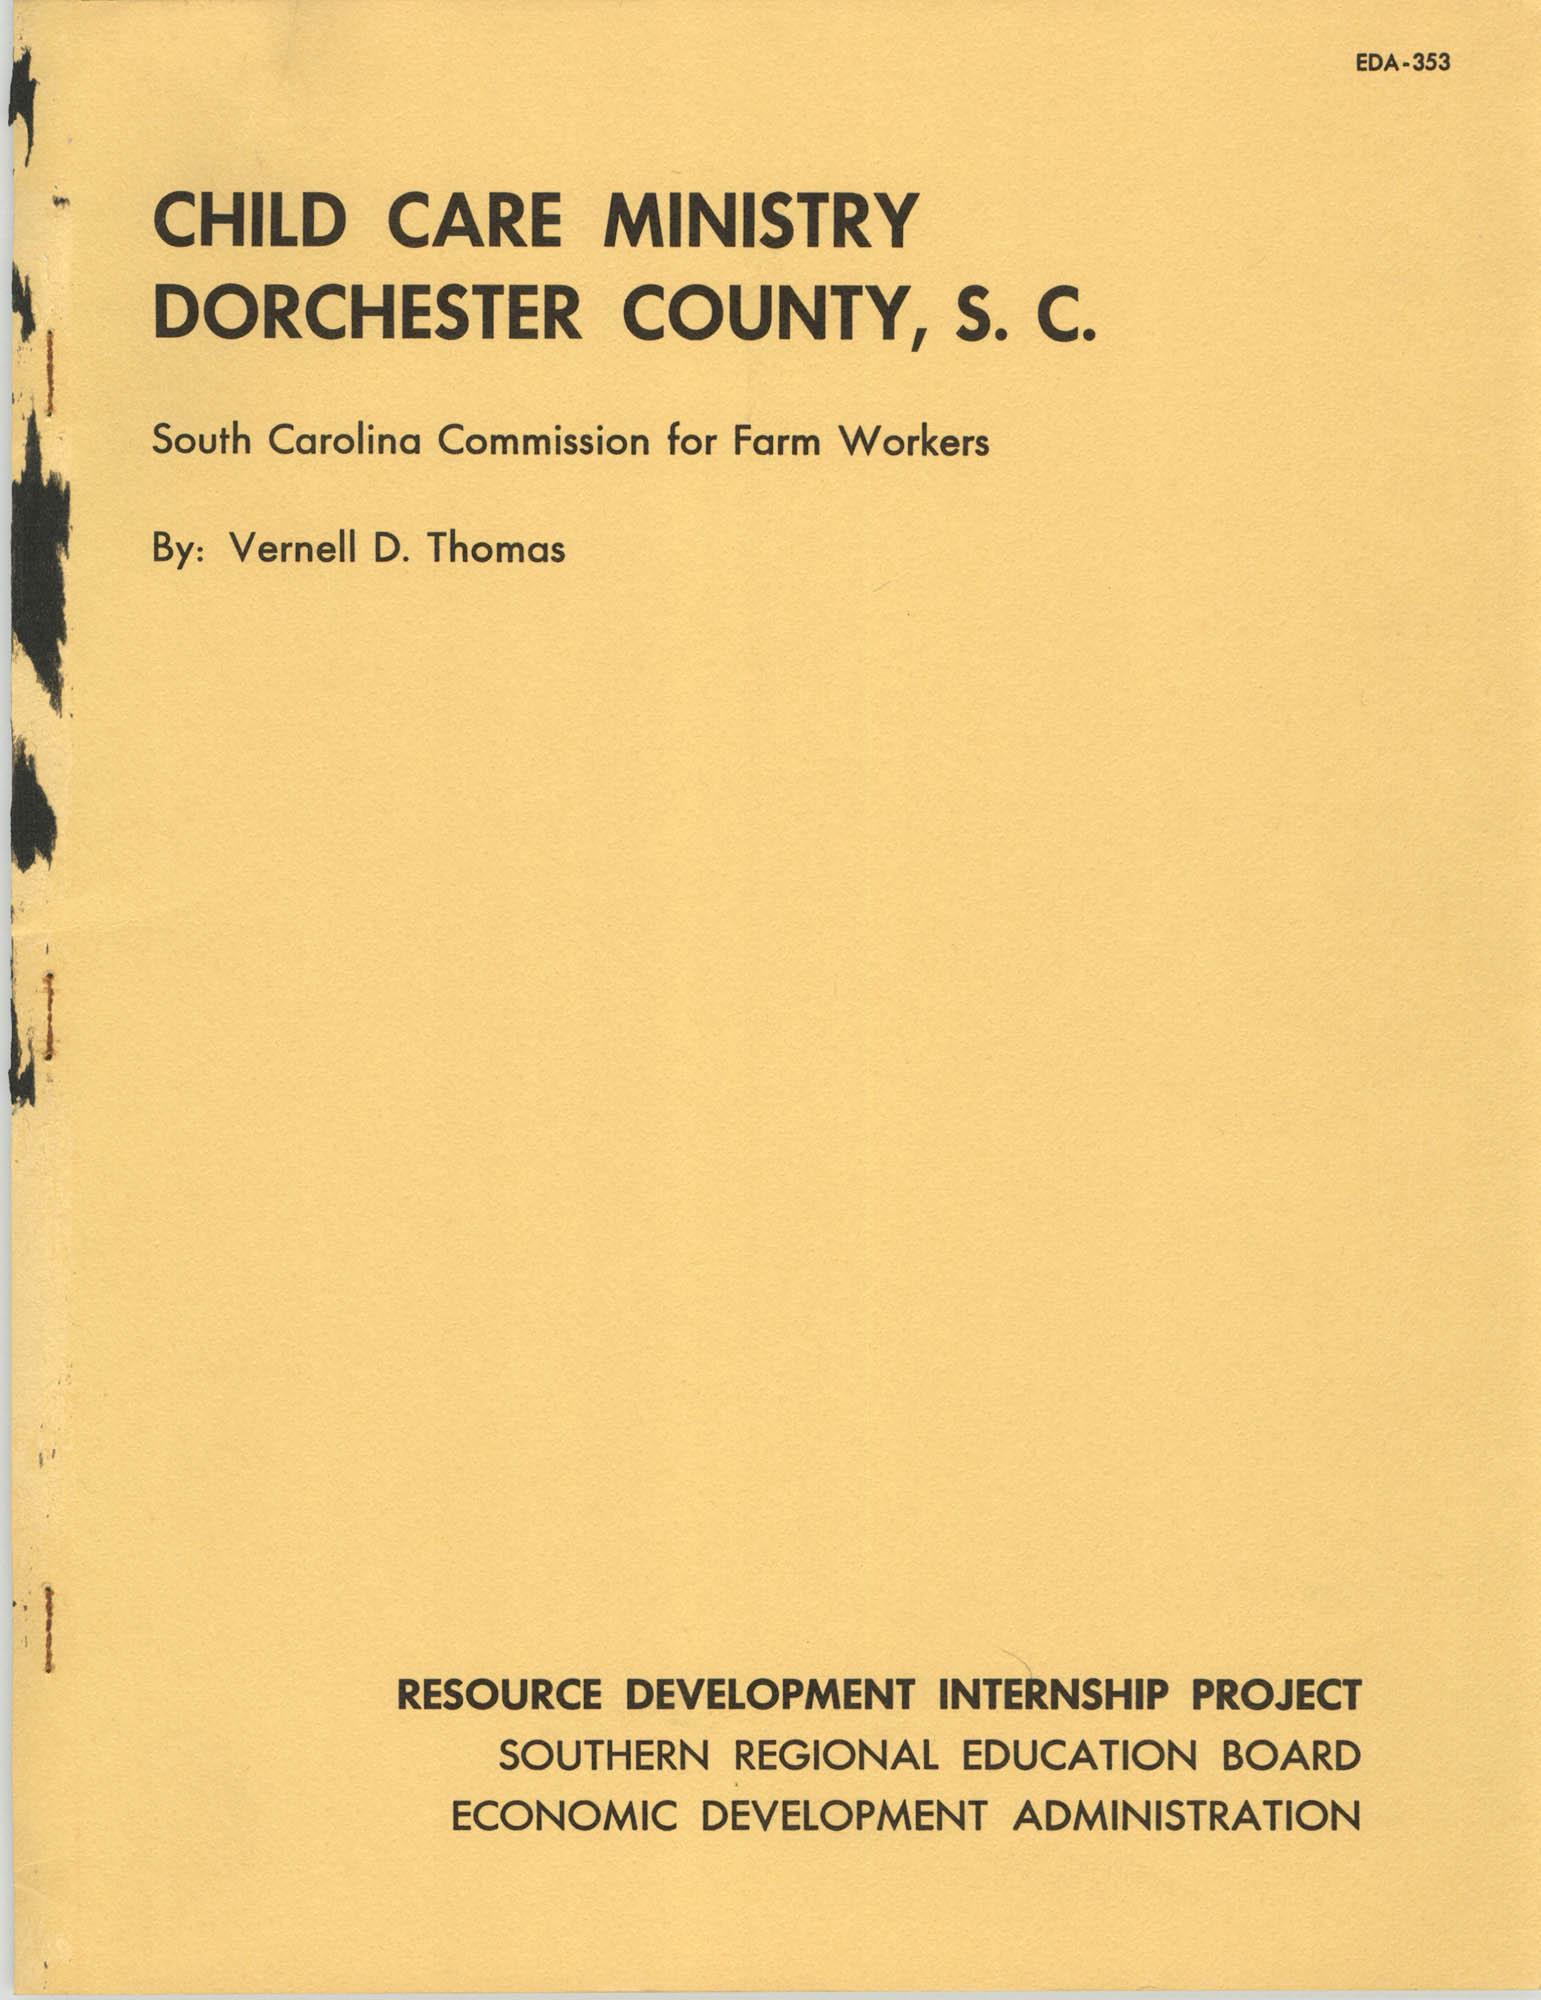 Child Care Ministry, Dorchester County, S.C.